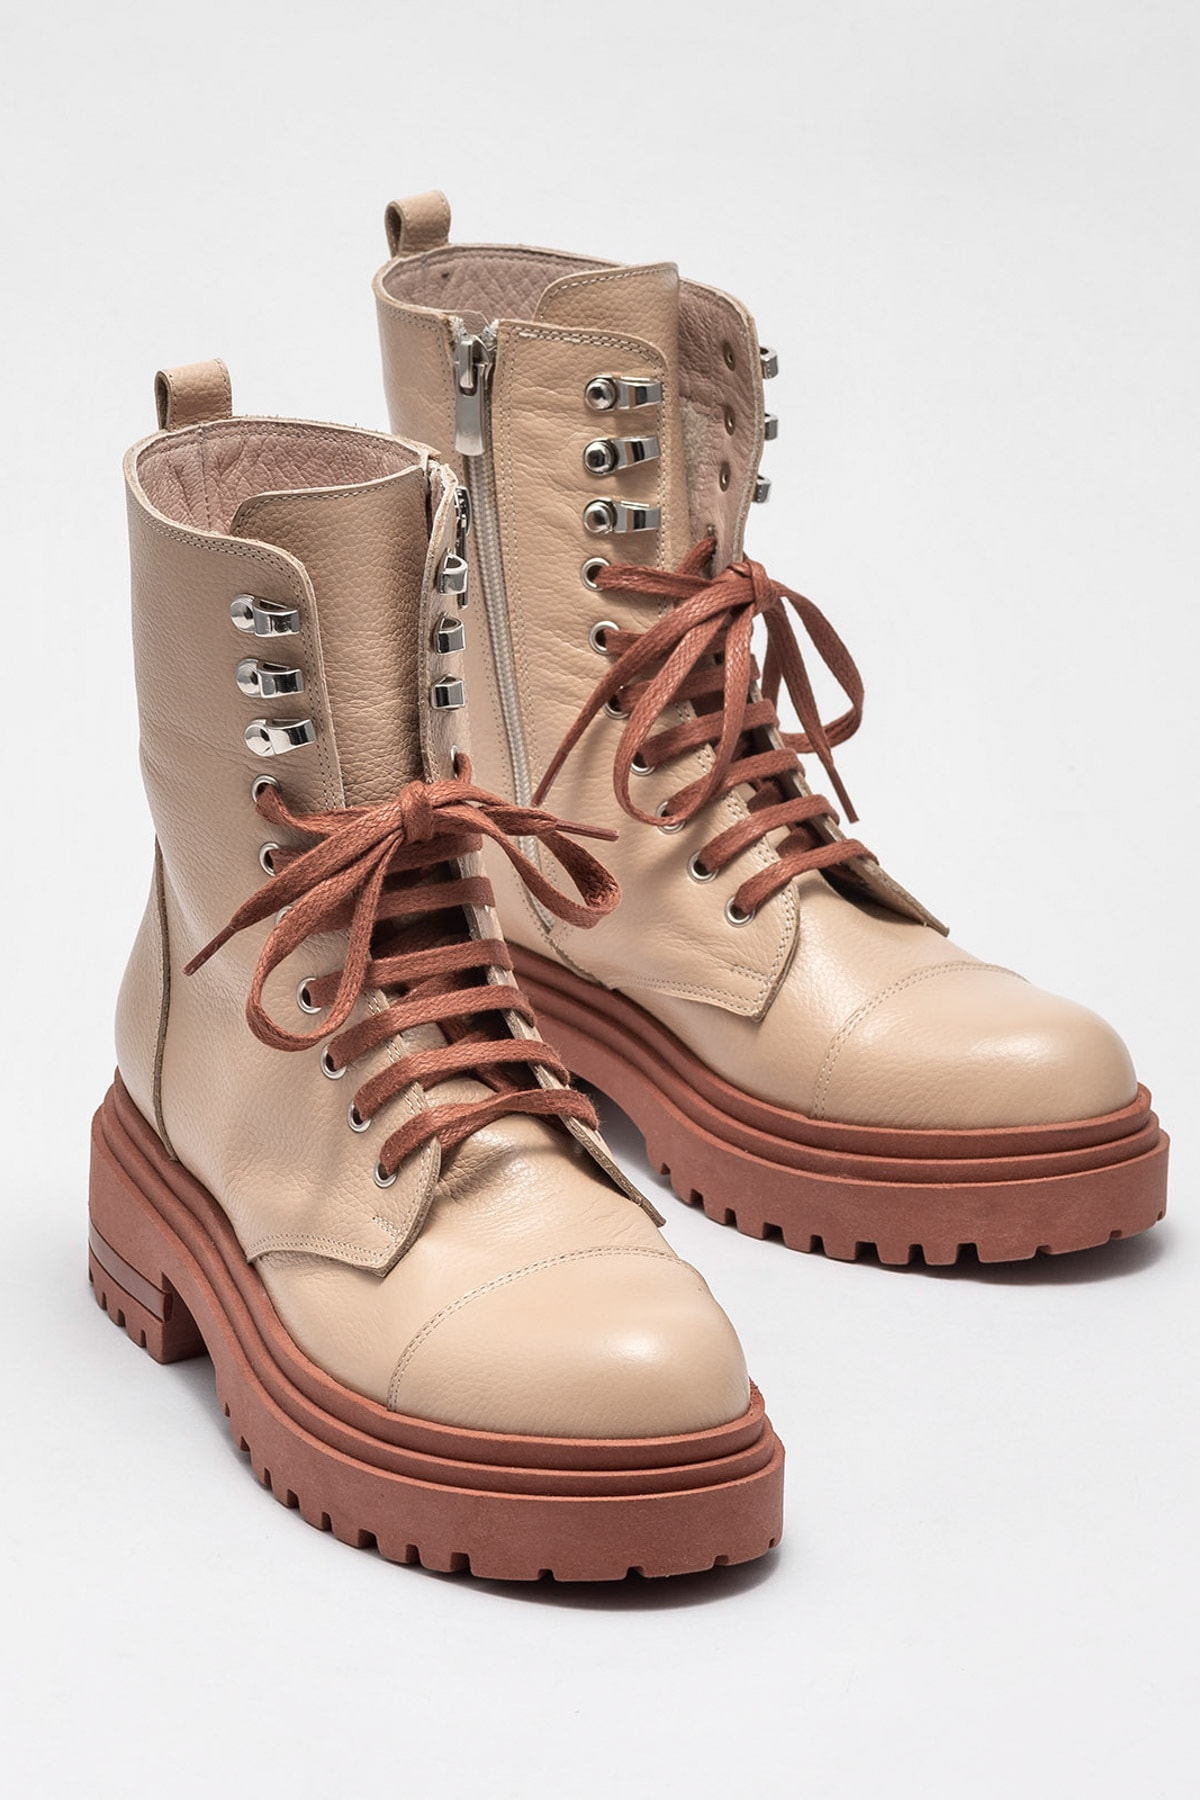 Elle Shoes Kadın Bot & Bootie Damara 20KBS88232 2